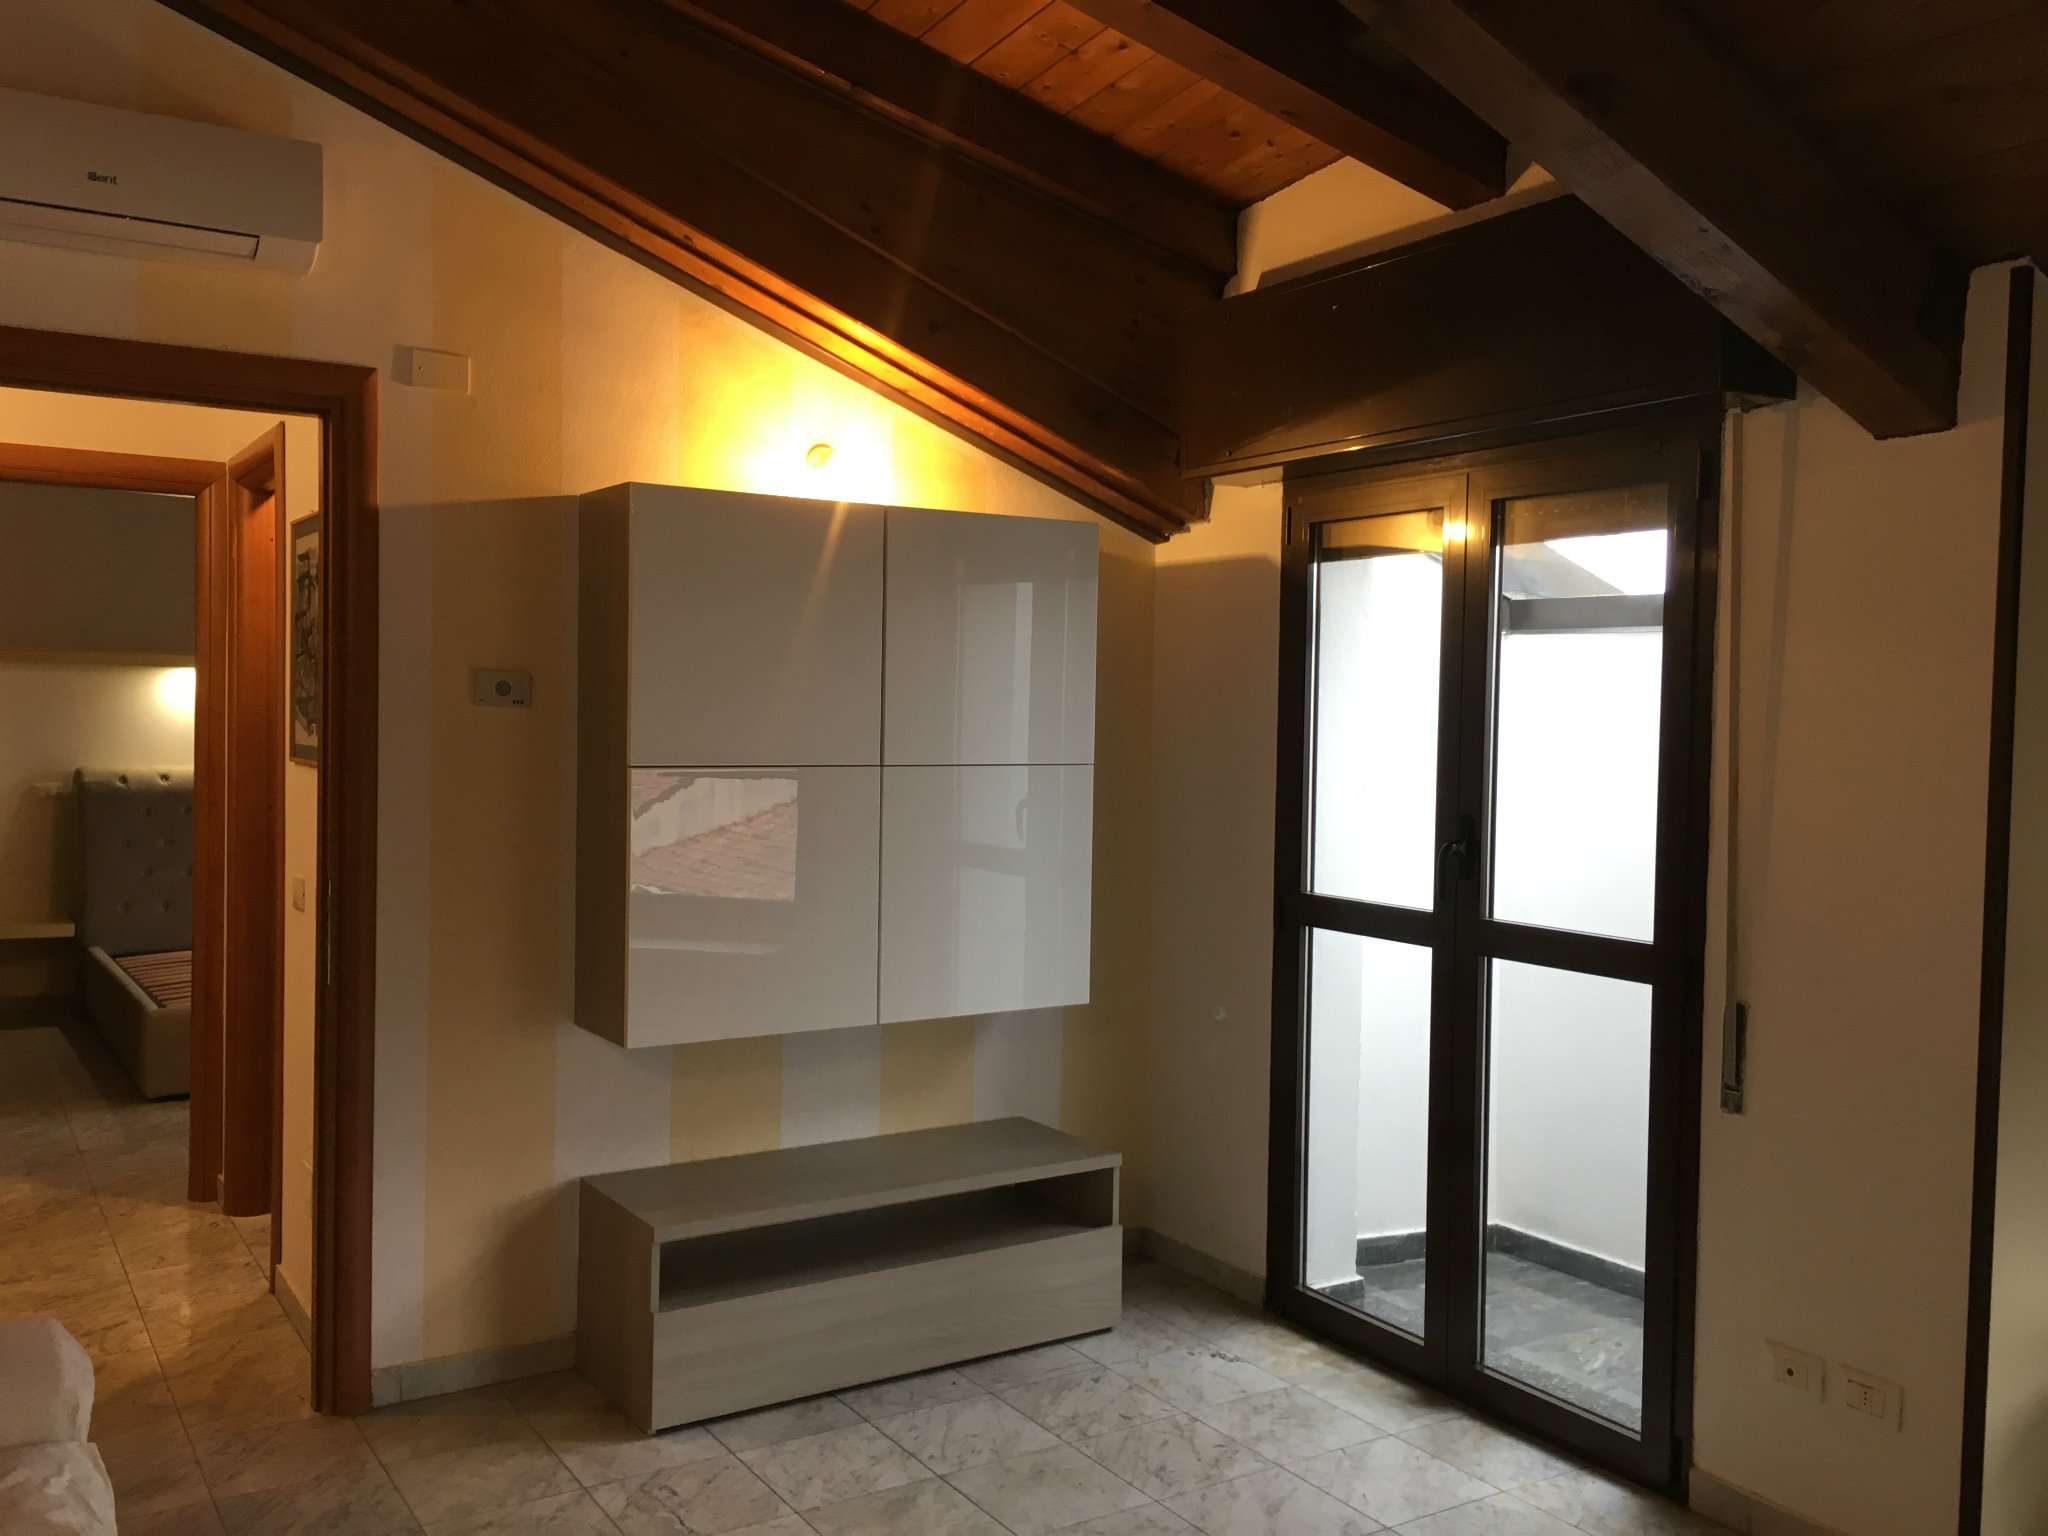 Attico / Mansarda in affitto a Rho, 2 locali, prezzo € 600 | CambioCasa.it